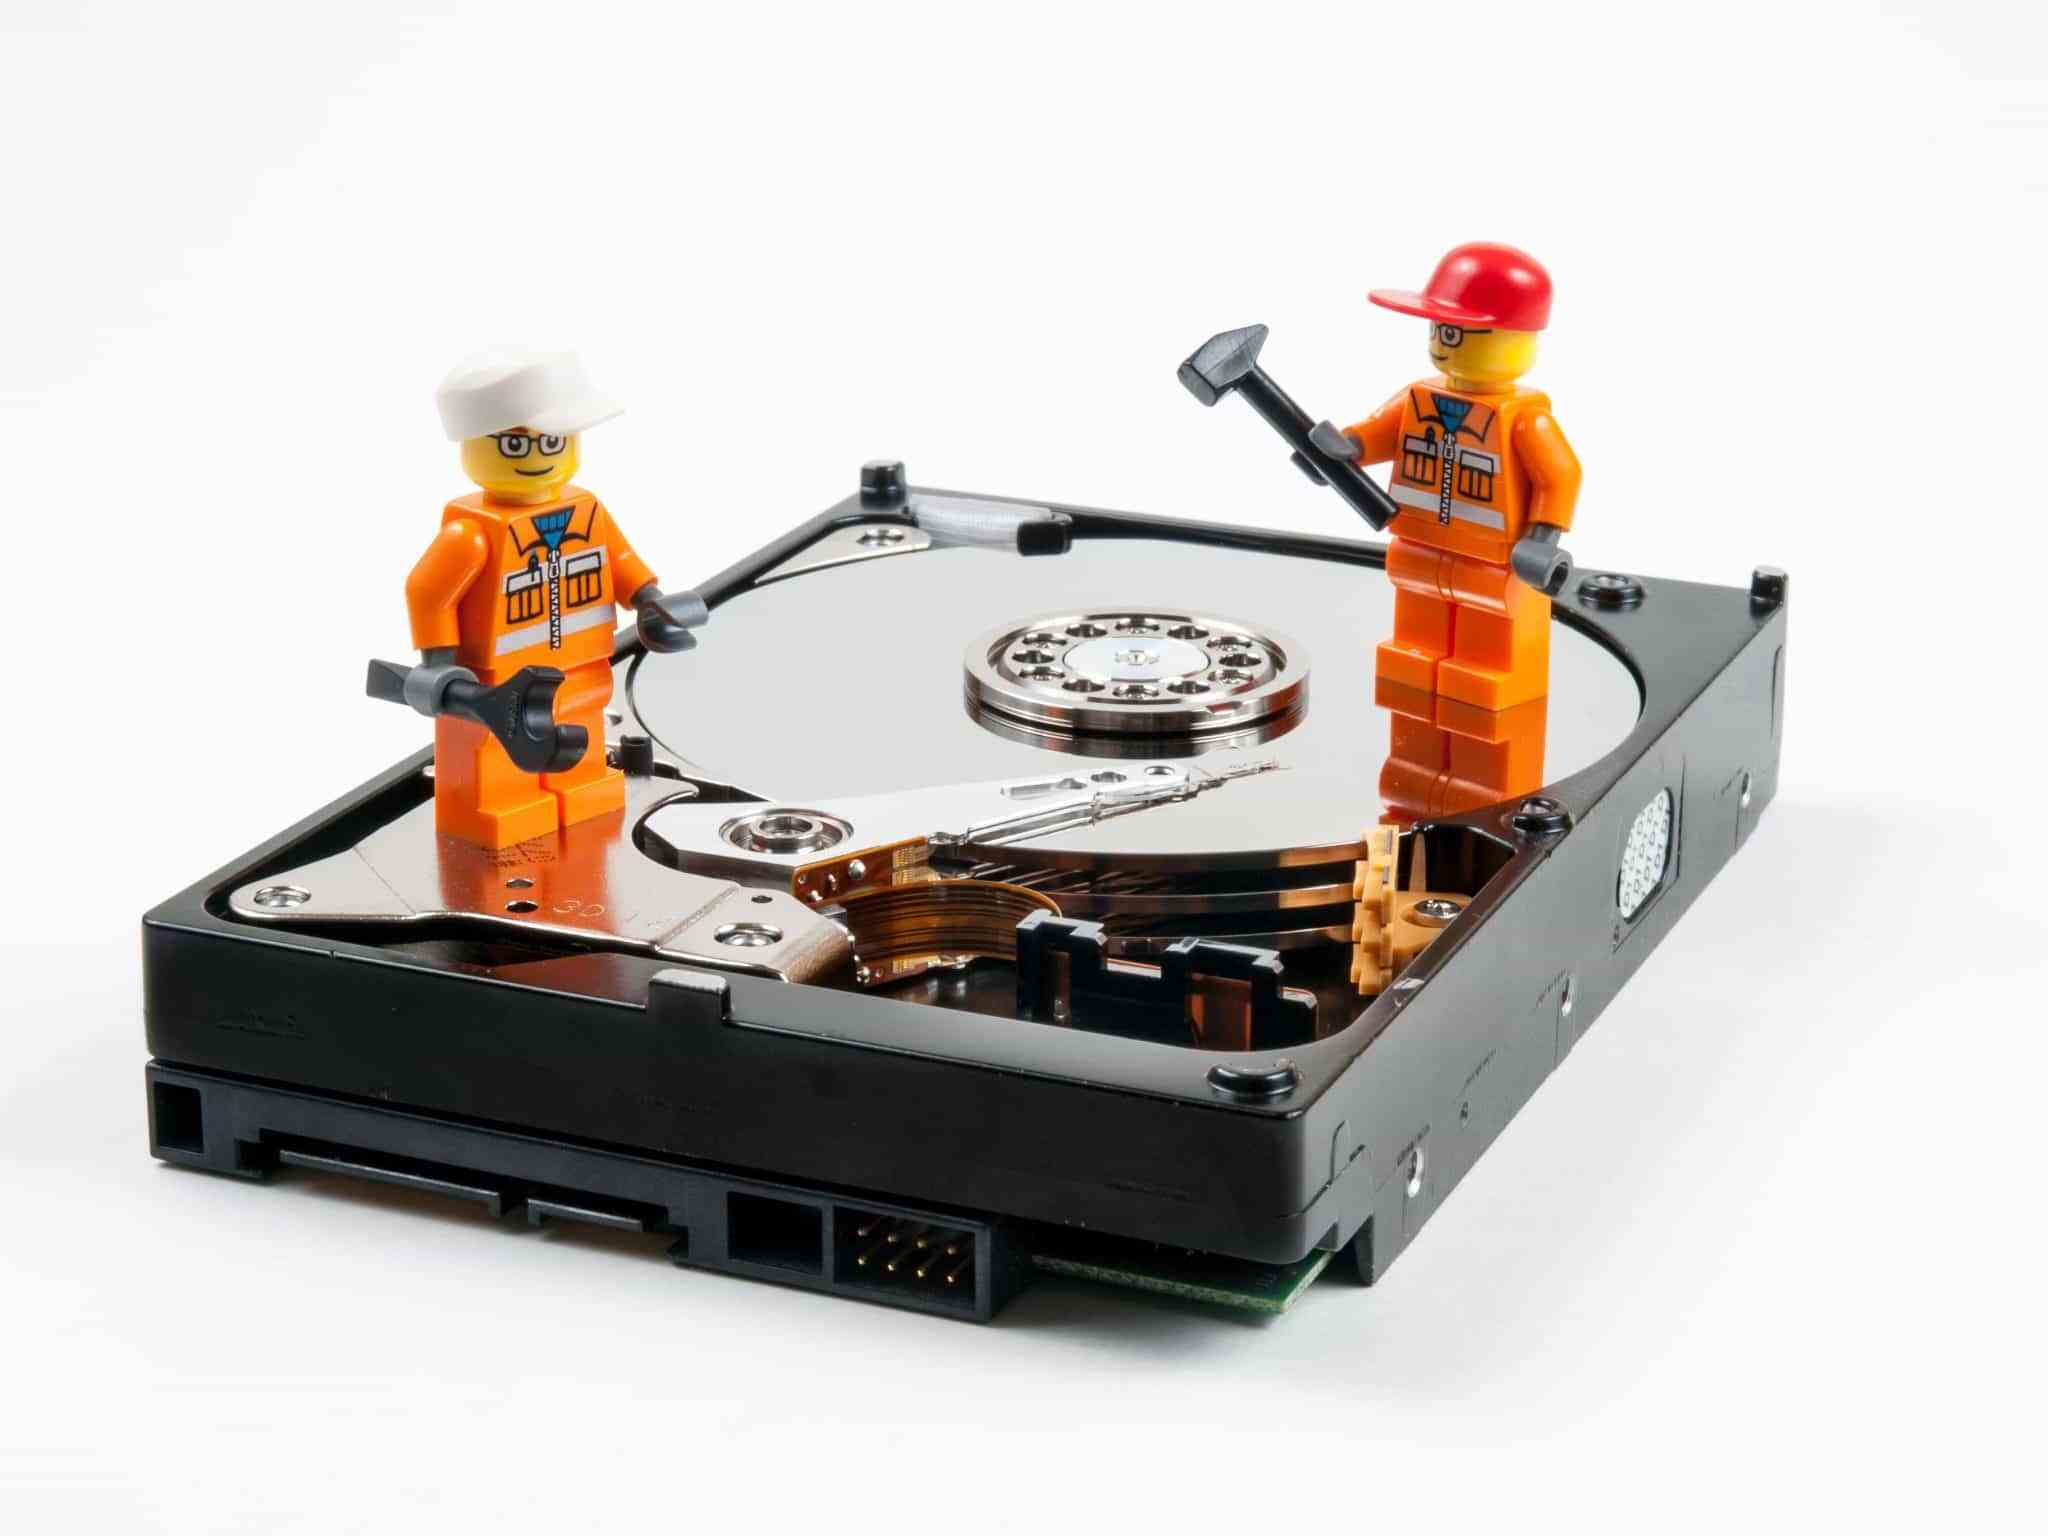 Sửa laptop đường Phạm Thế Hiển